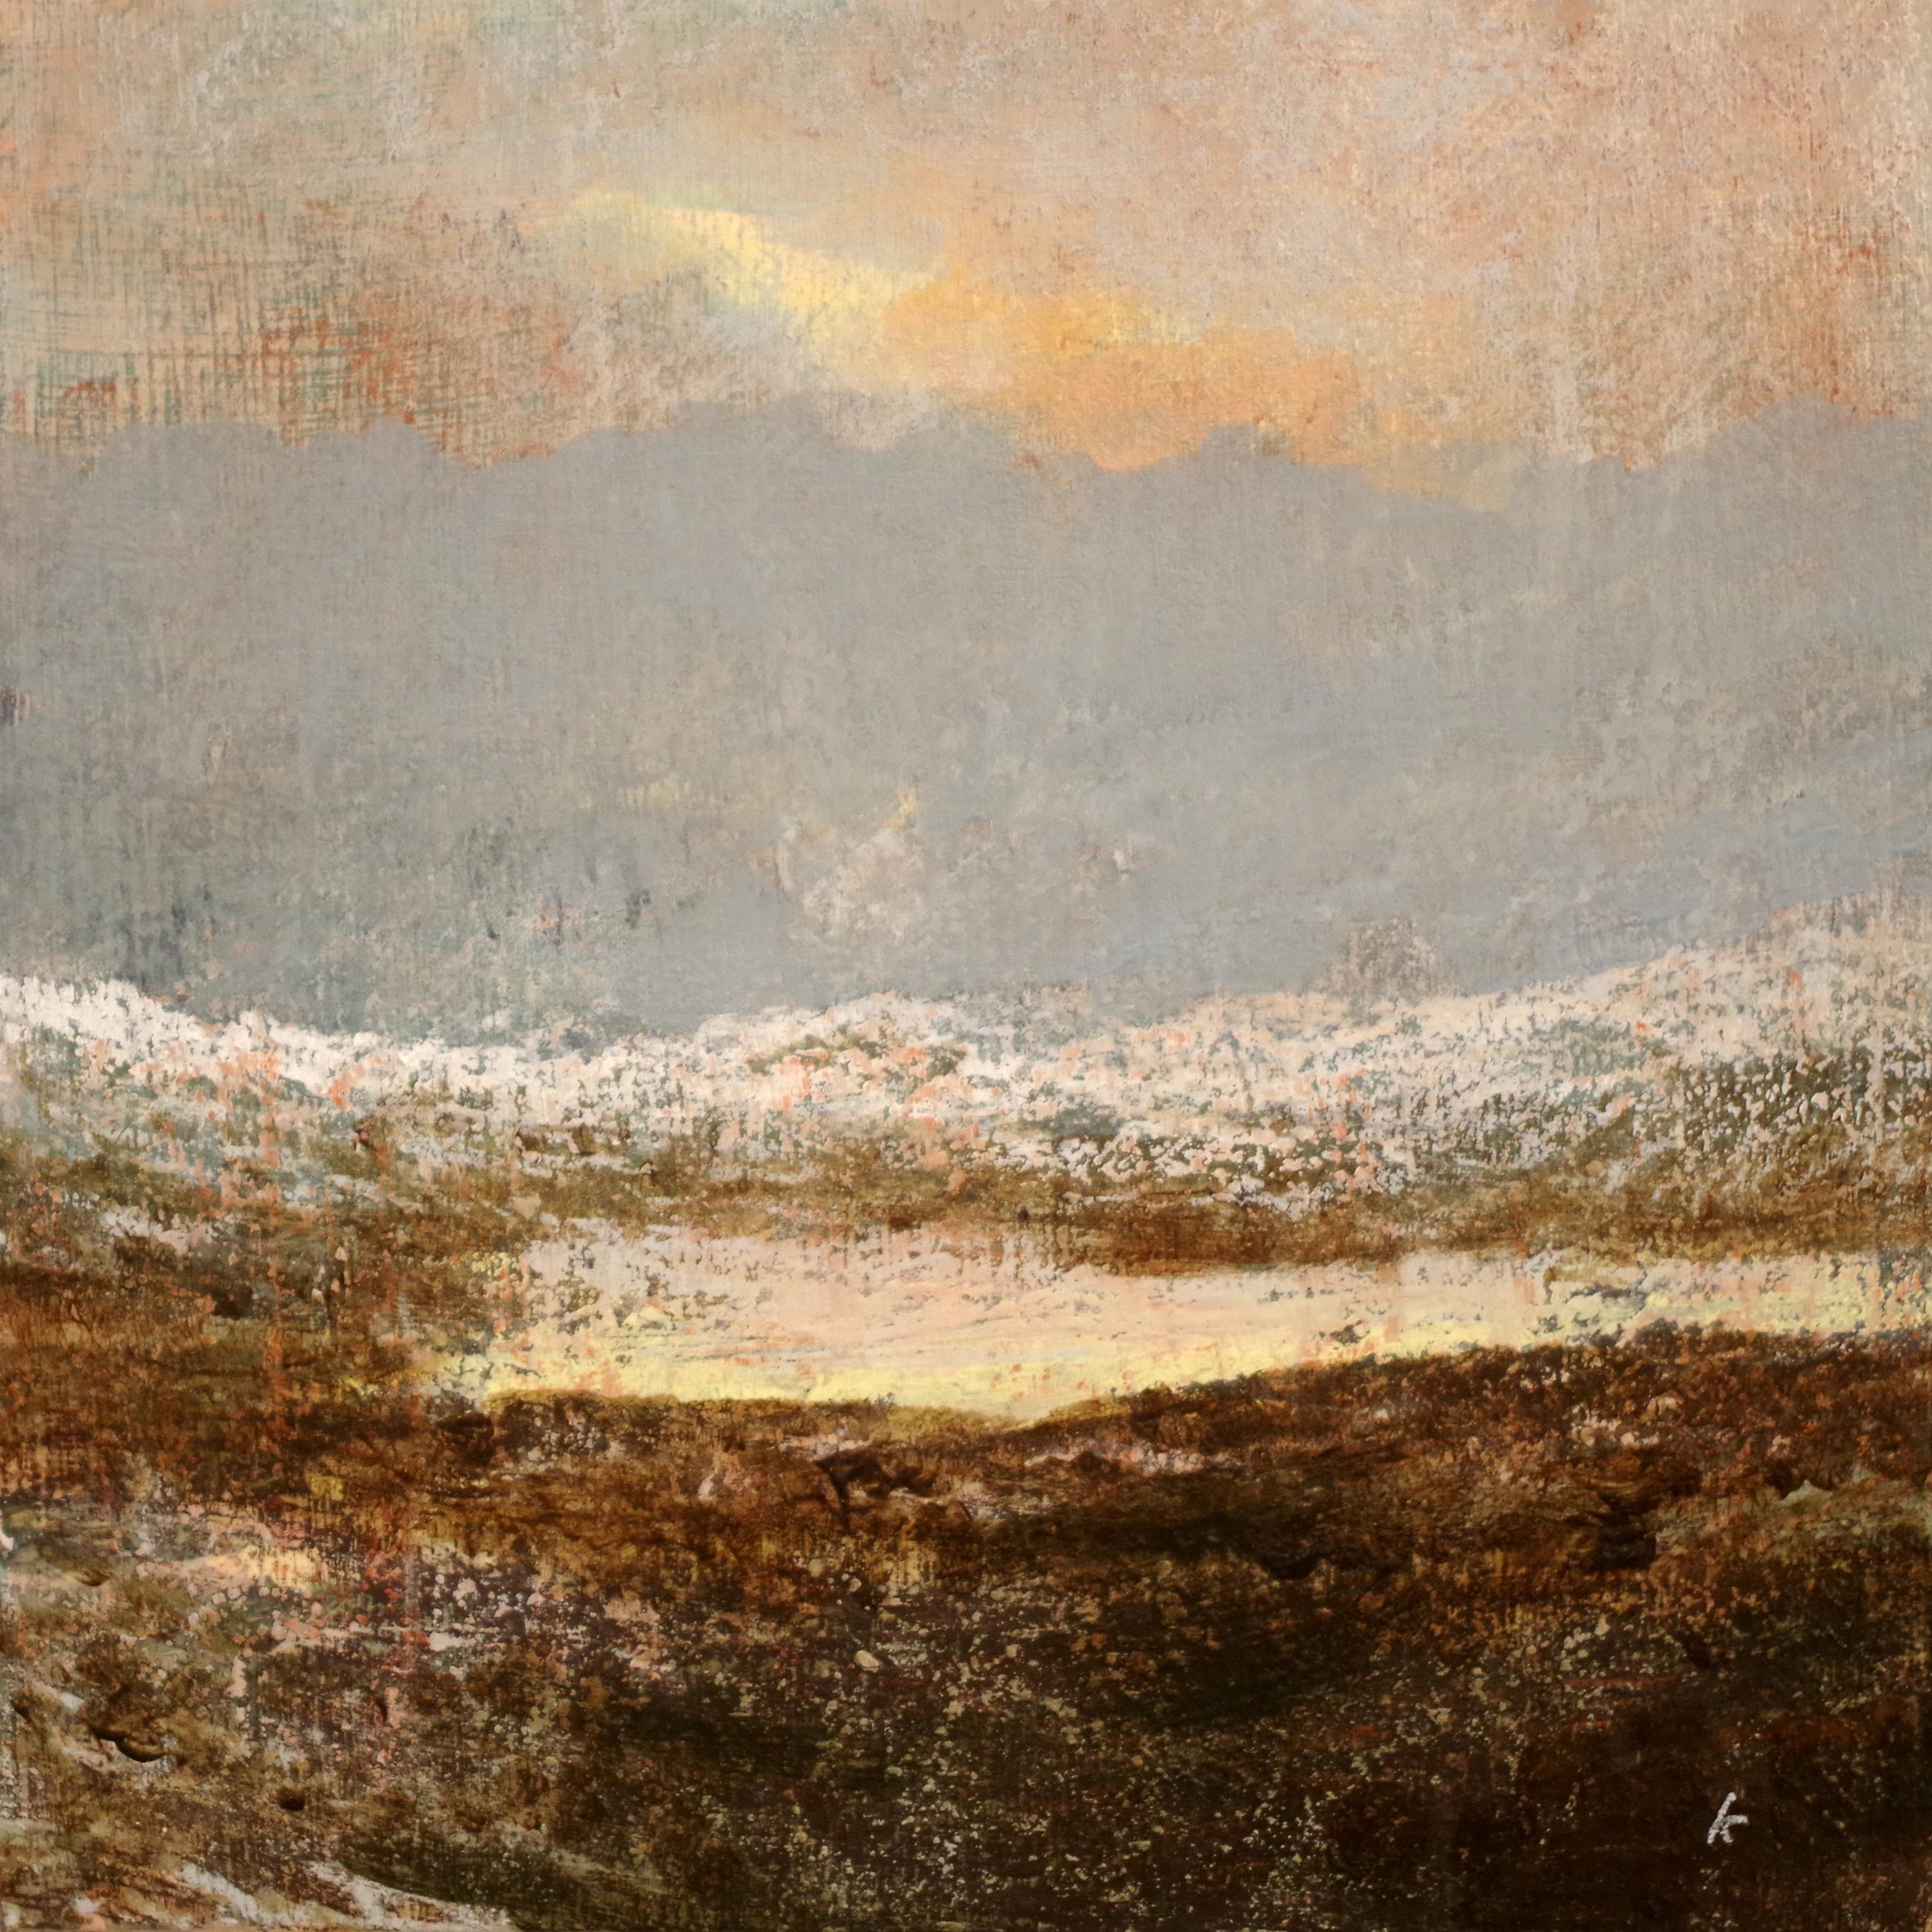 Keith Salmon. 'A Coigach landscape, January', Acrylic & Pastel, 2018, 30 x 30 cm